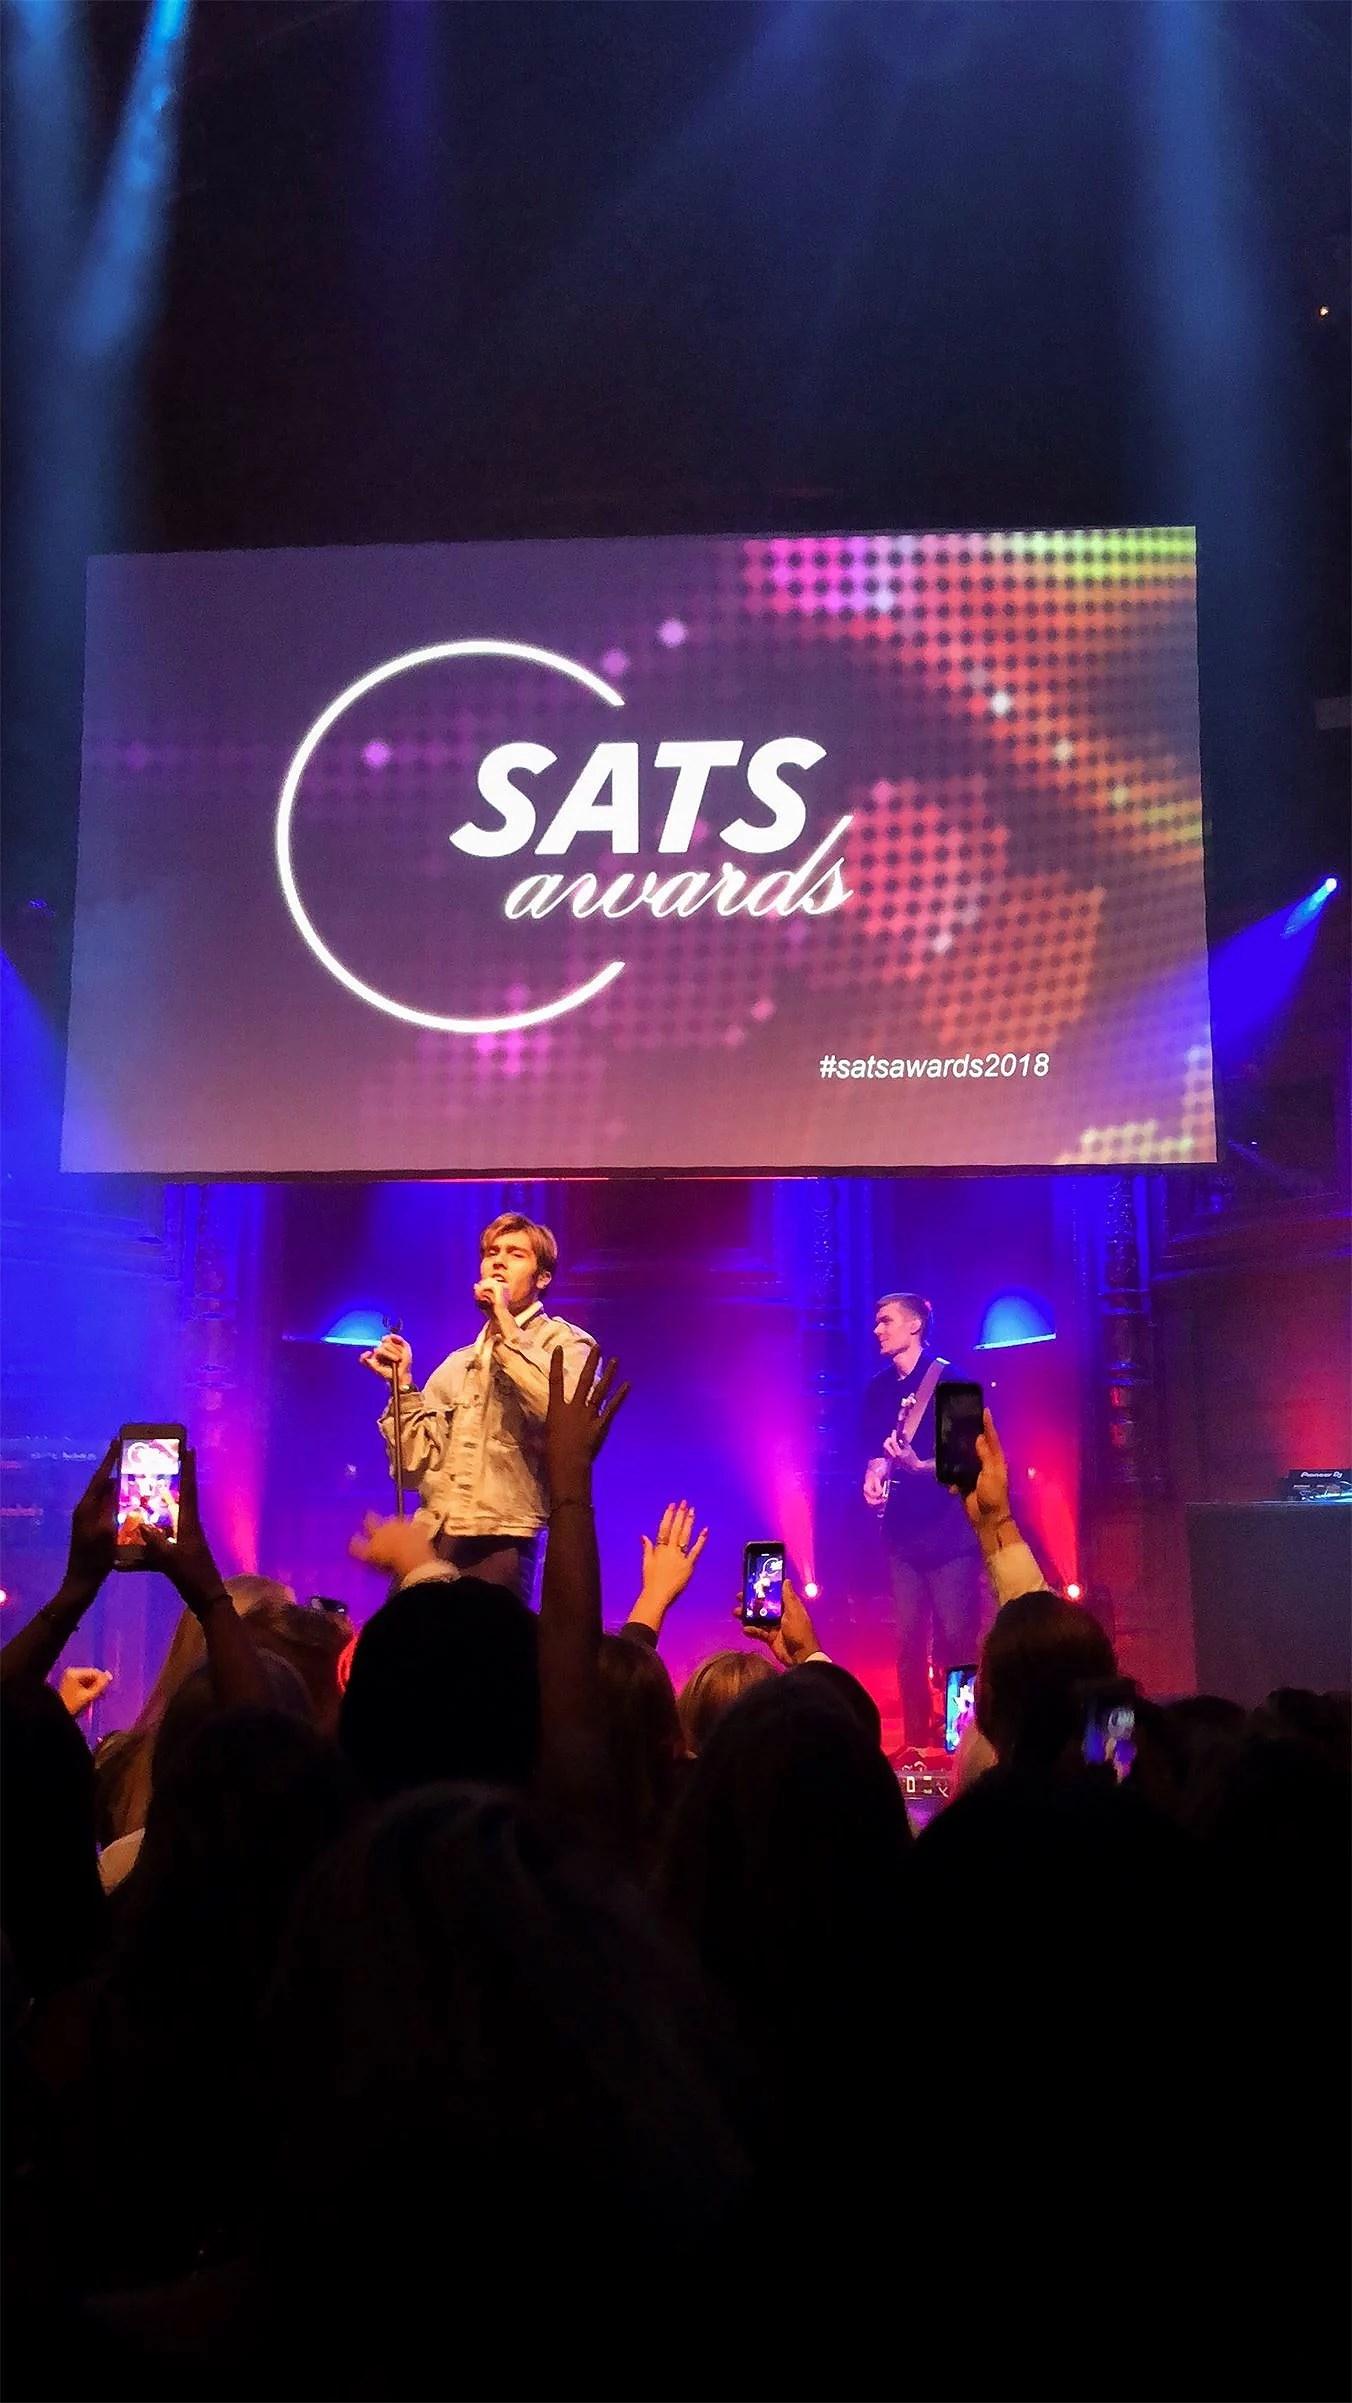 SATS awards